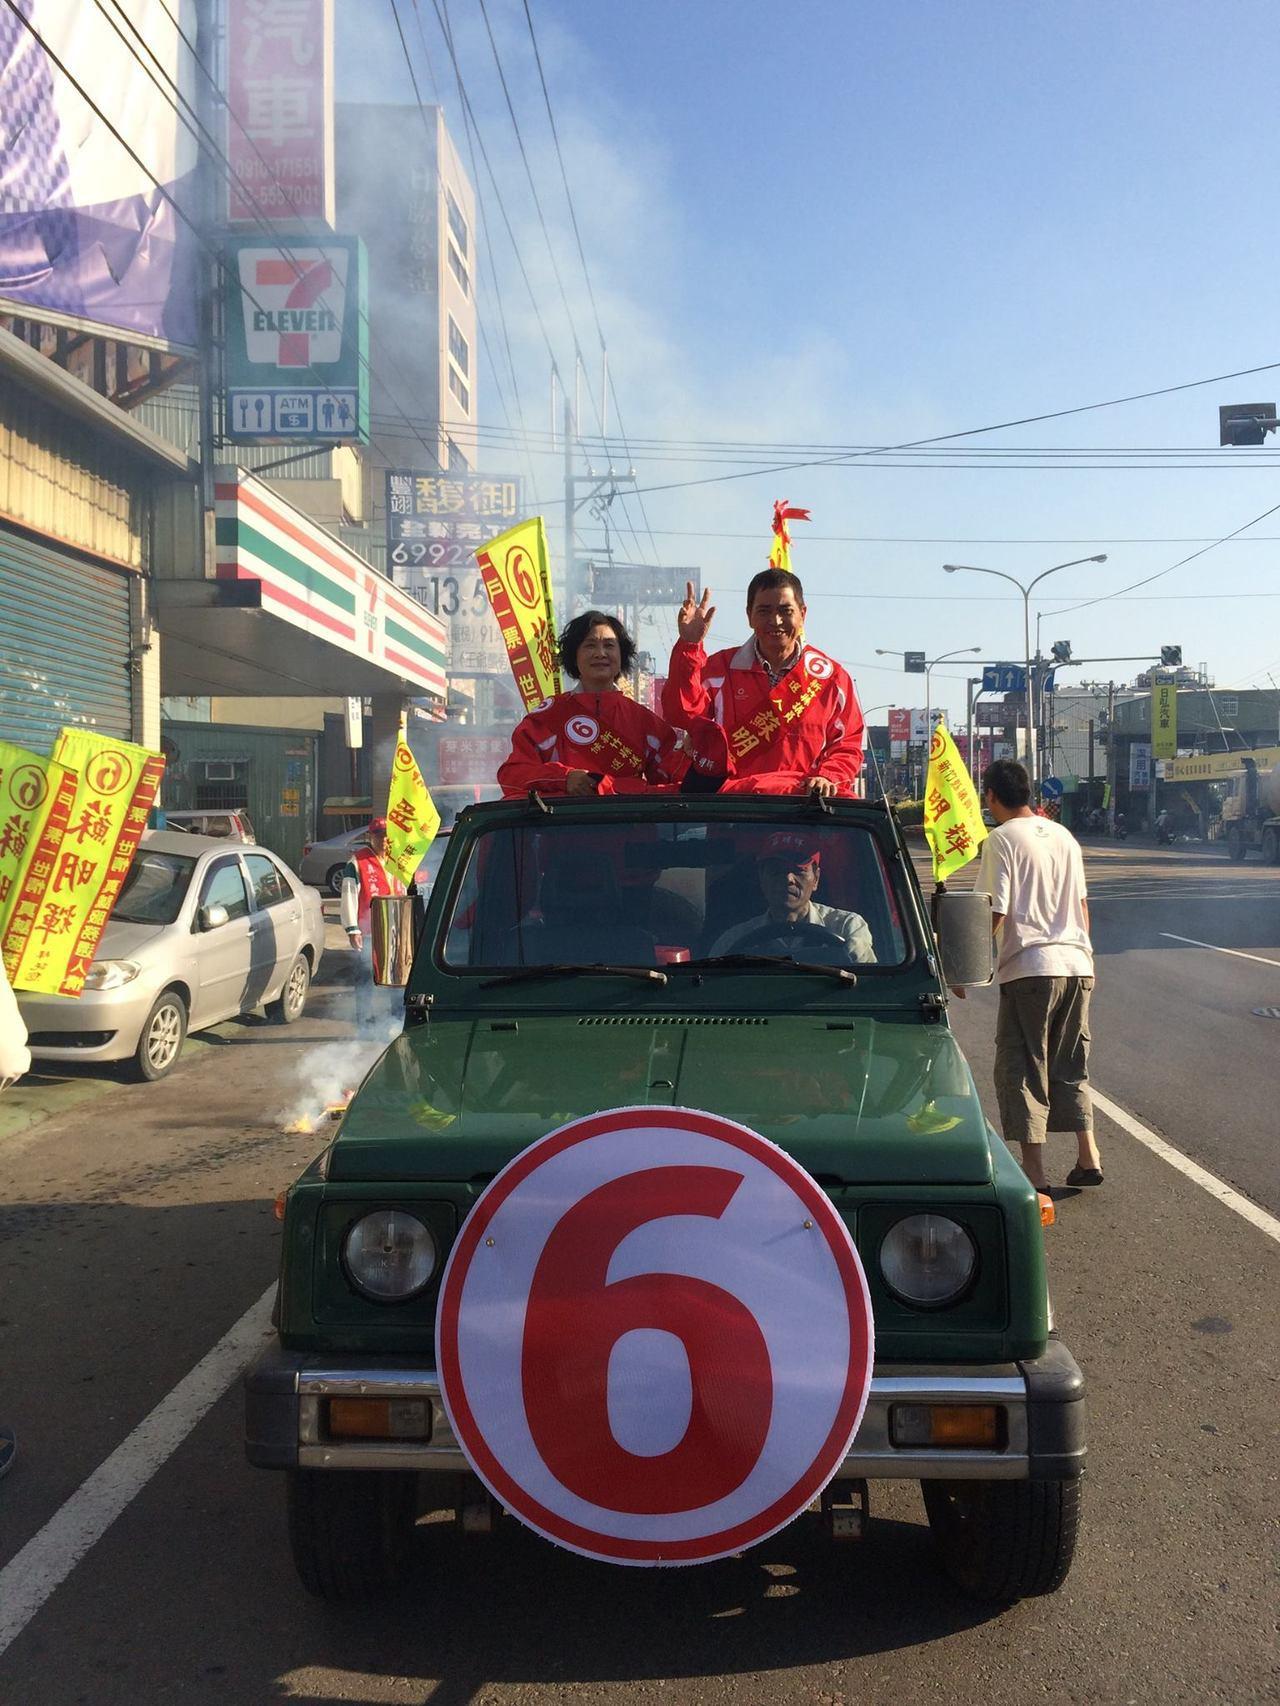 蘇明輝再次角逐此次議員選舉(竹北區),也被地方視為強棒。(圖為四年前蘇明輝拜票照...